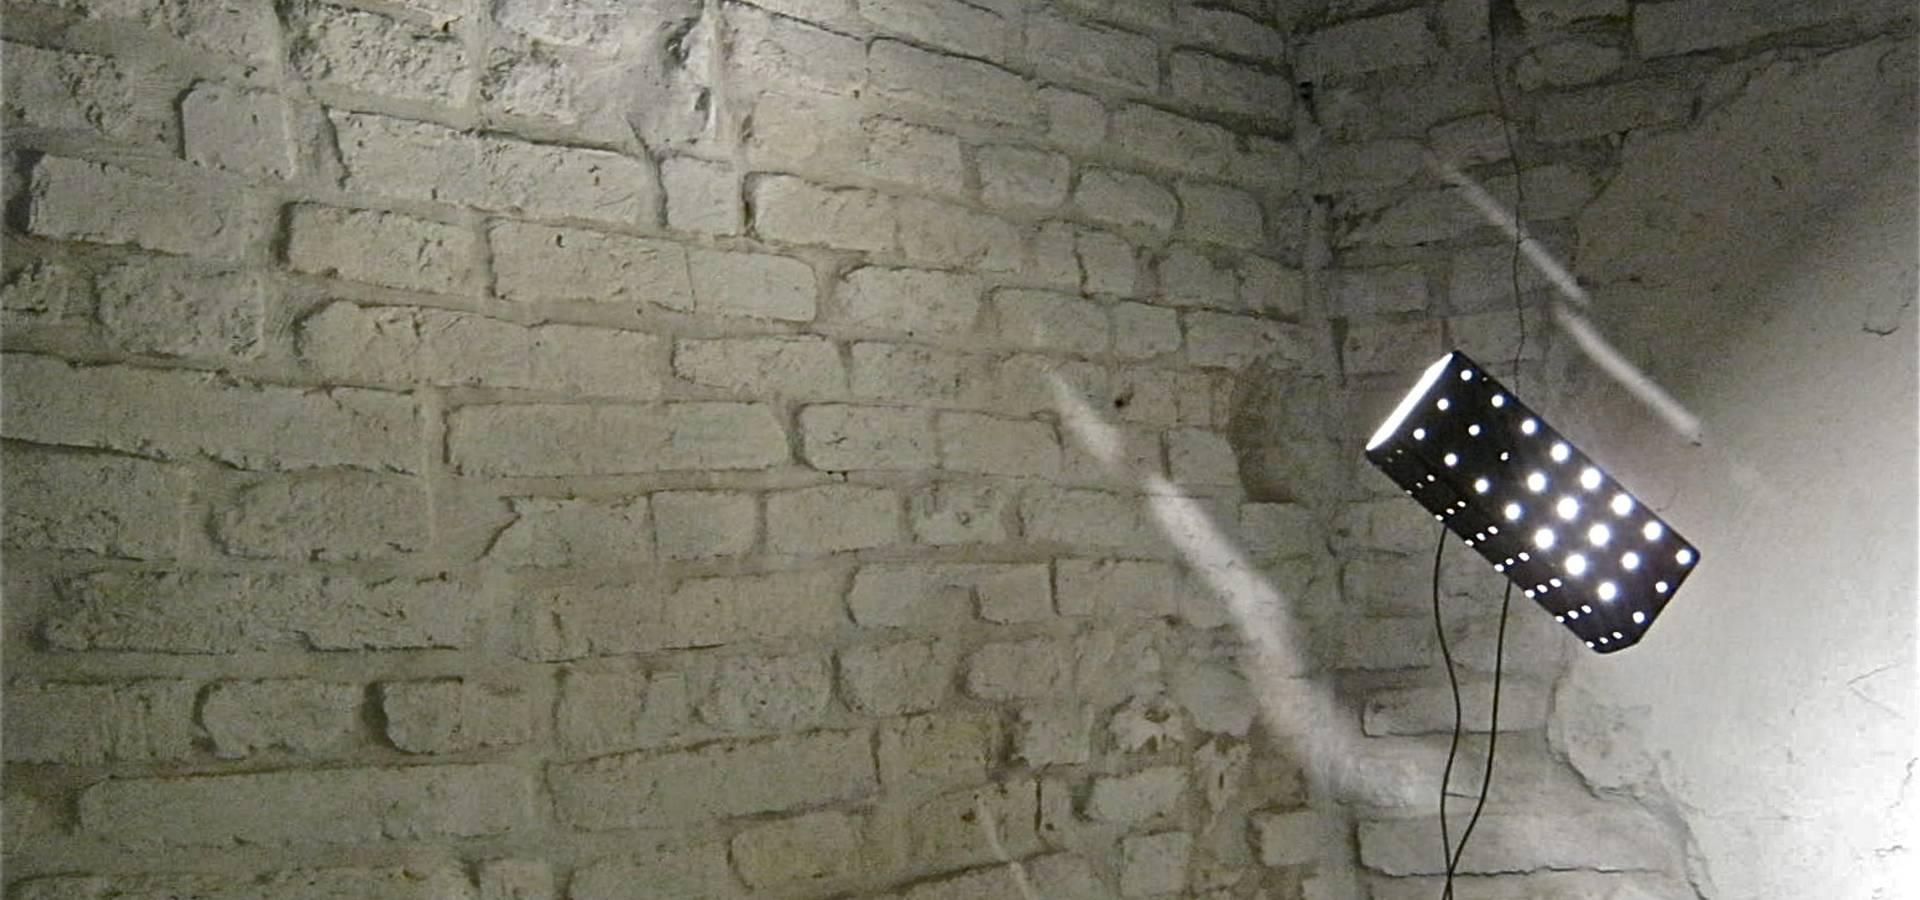 Pda progetti d 39 arredo dinamo tube homify for Progetti d arredo